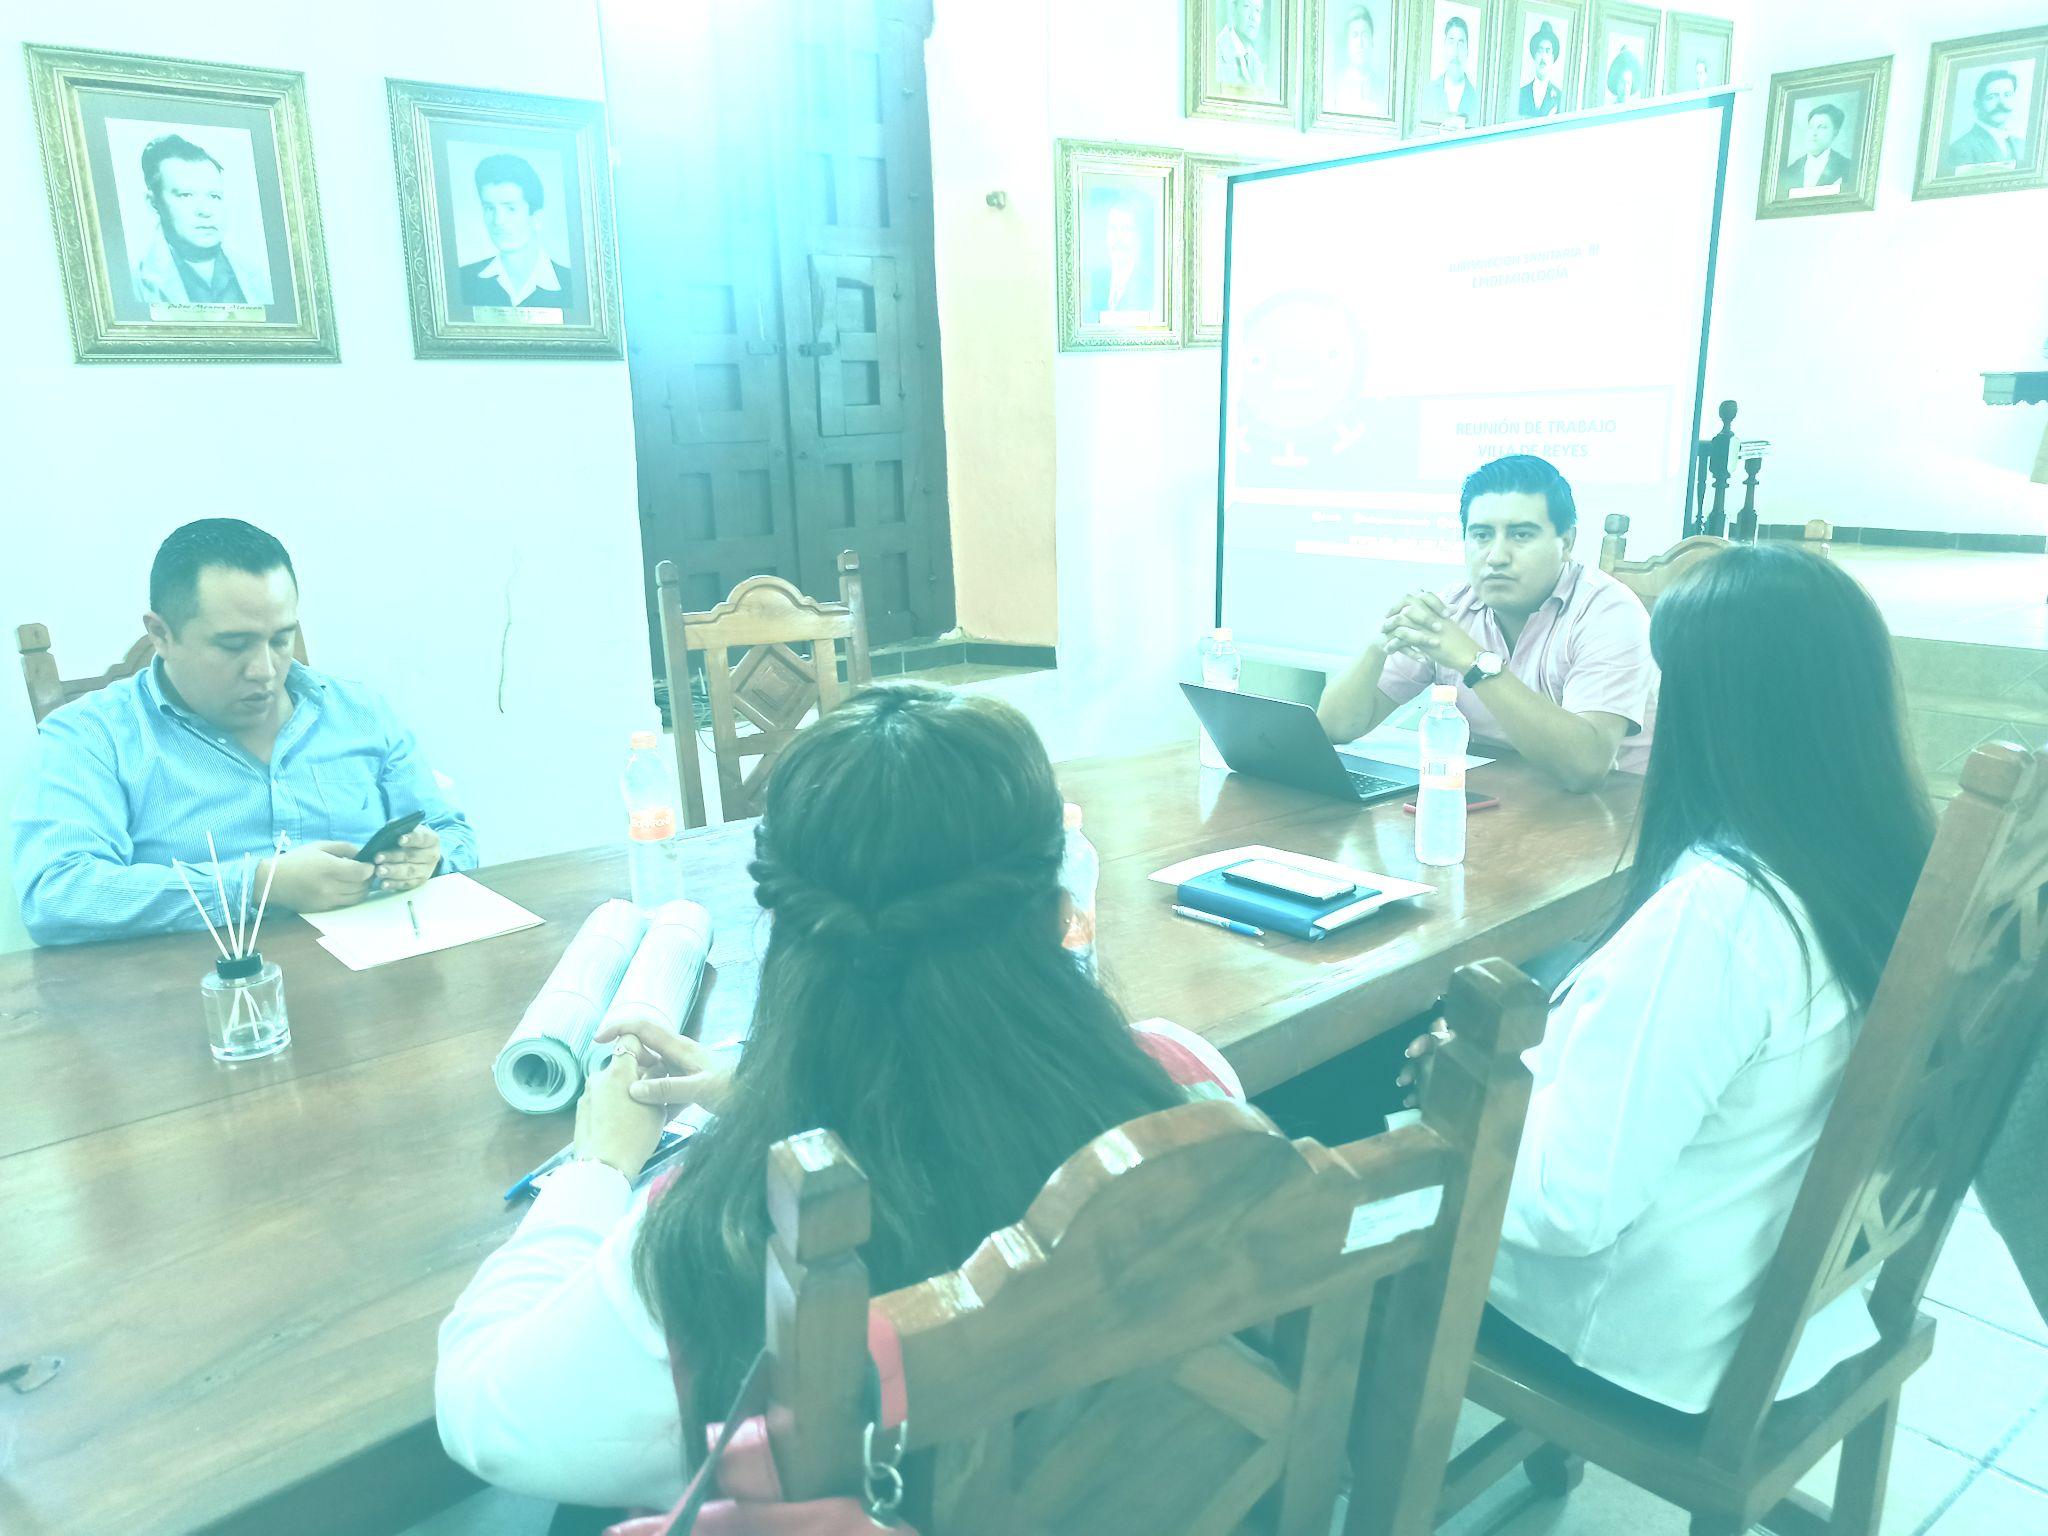 Trabajo conjunto entre Ayuntamiento de Villa de Reyes y Jurisdicción Sanitaria no. 3 para la prevención del COVID-19